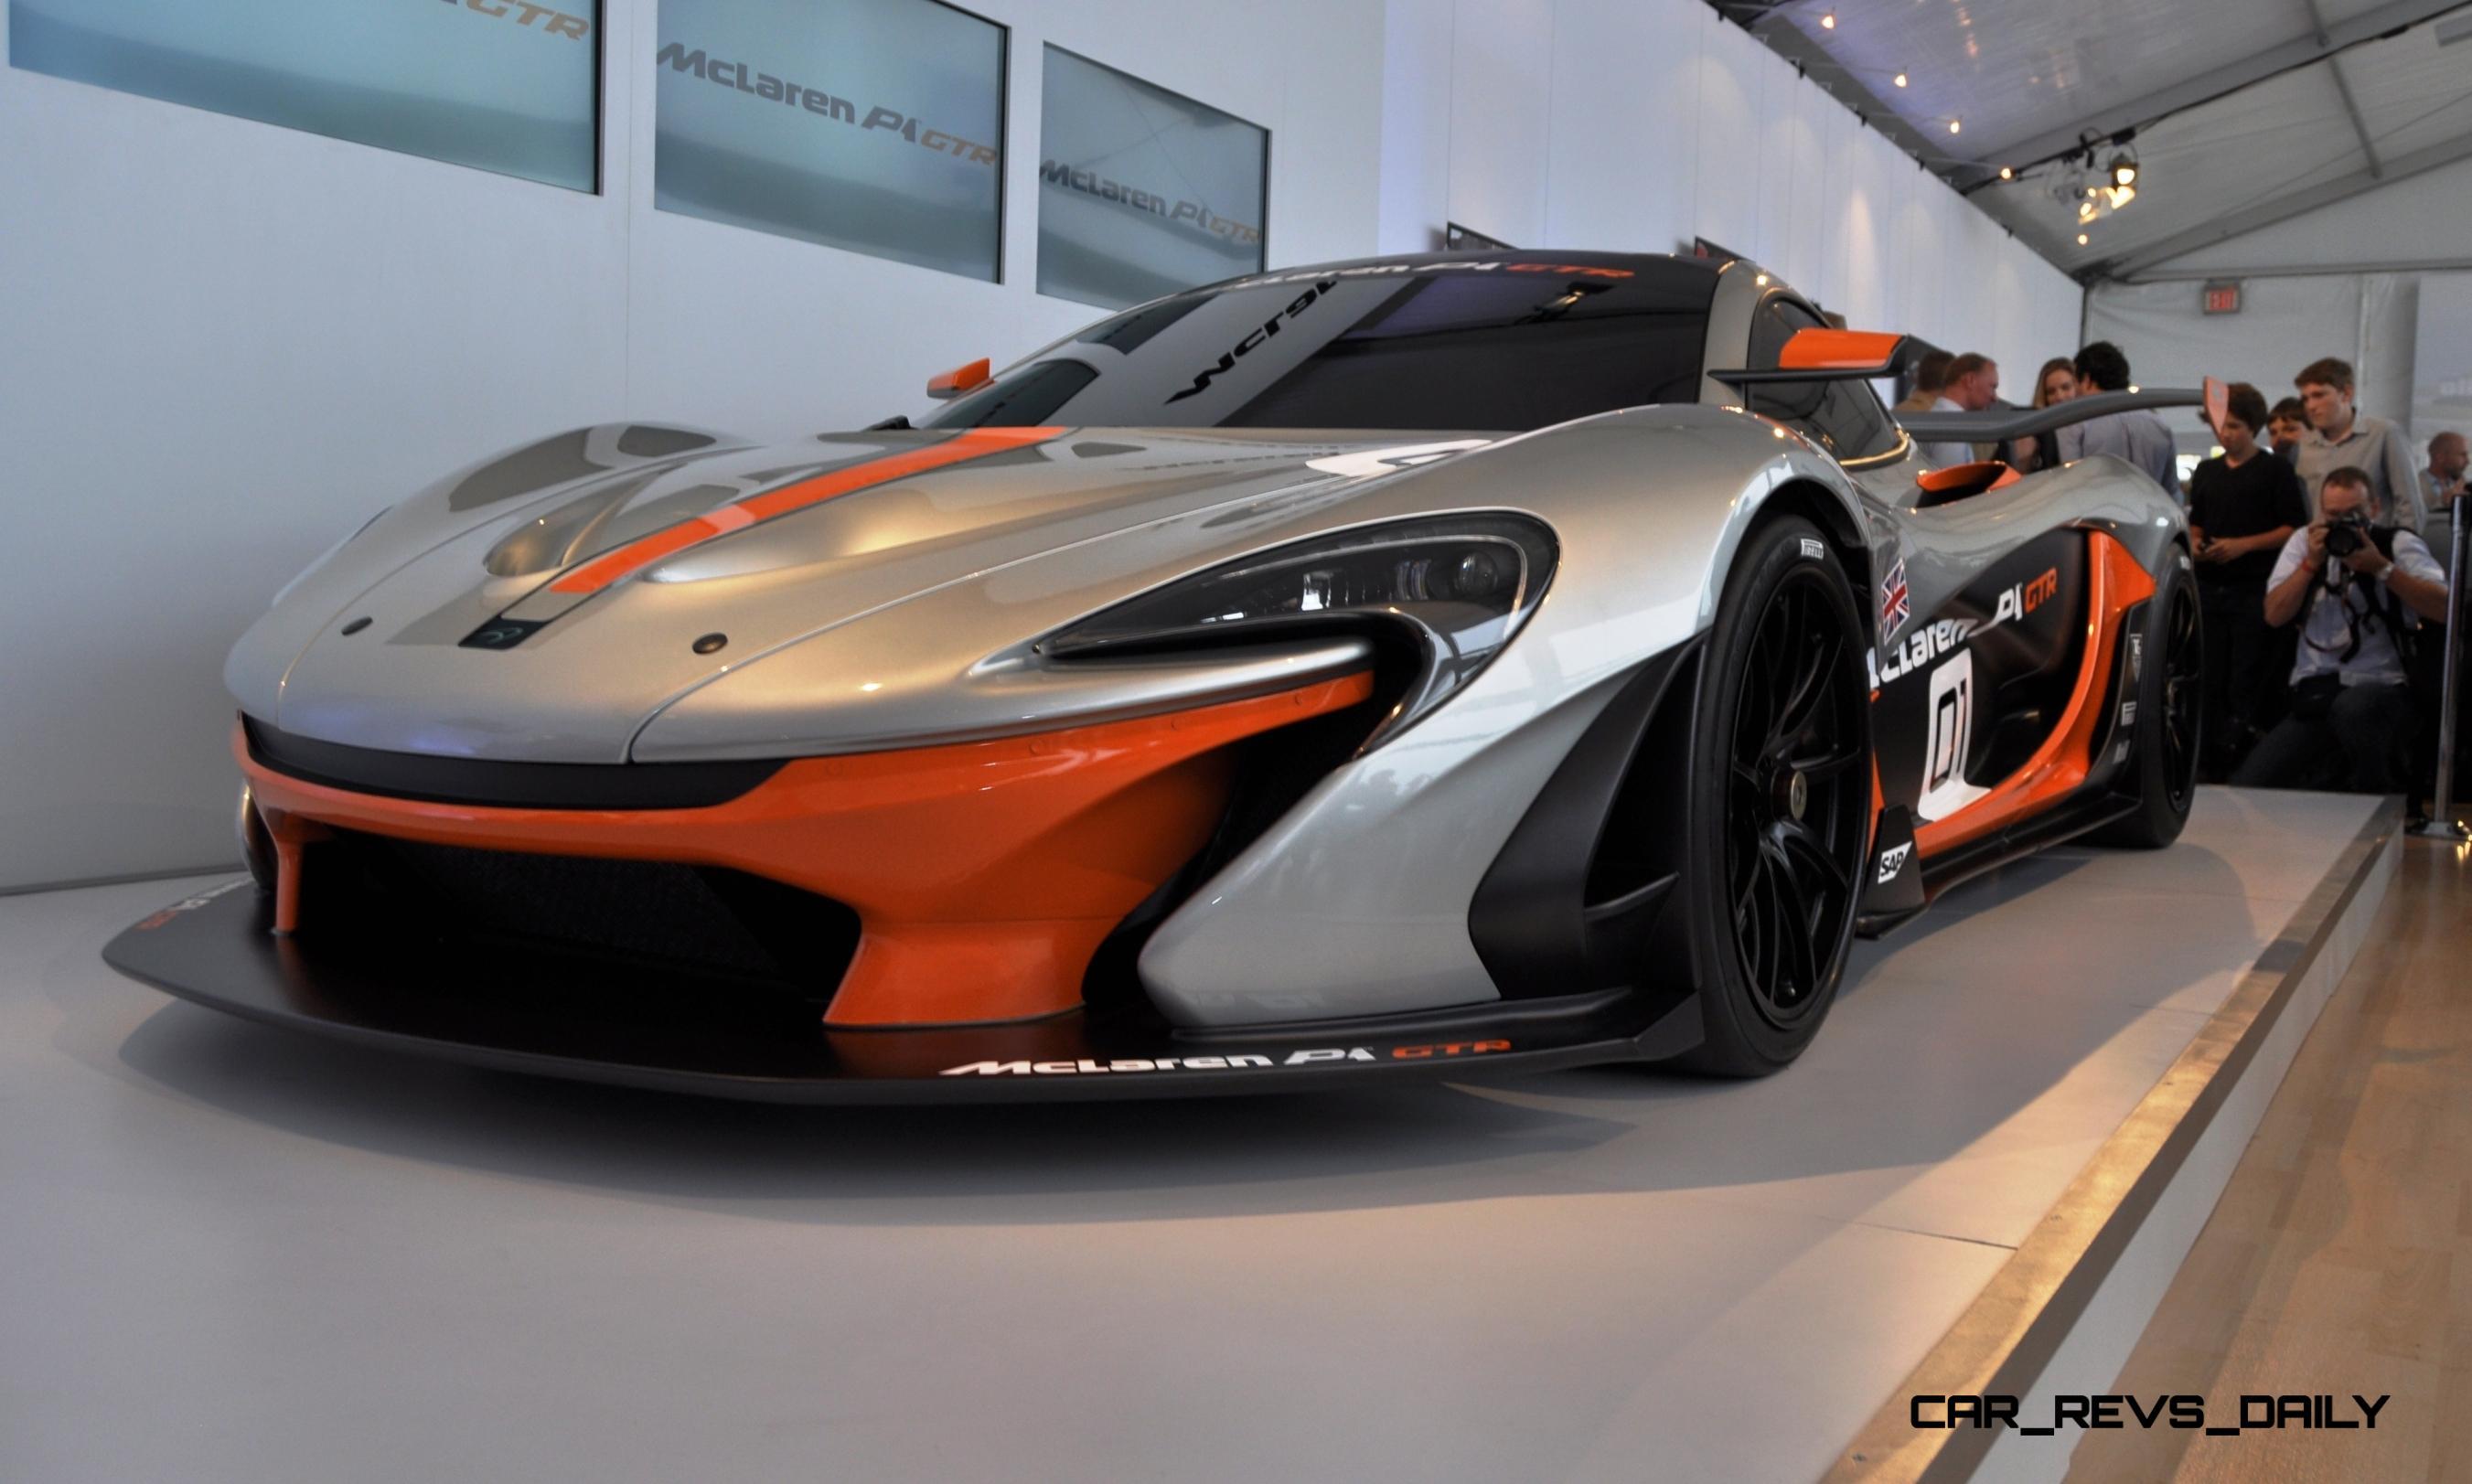 2015 McLaren P1 GTR - Pebble Beach World Debut in 55 High-Res Photos 23